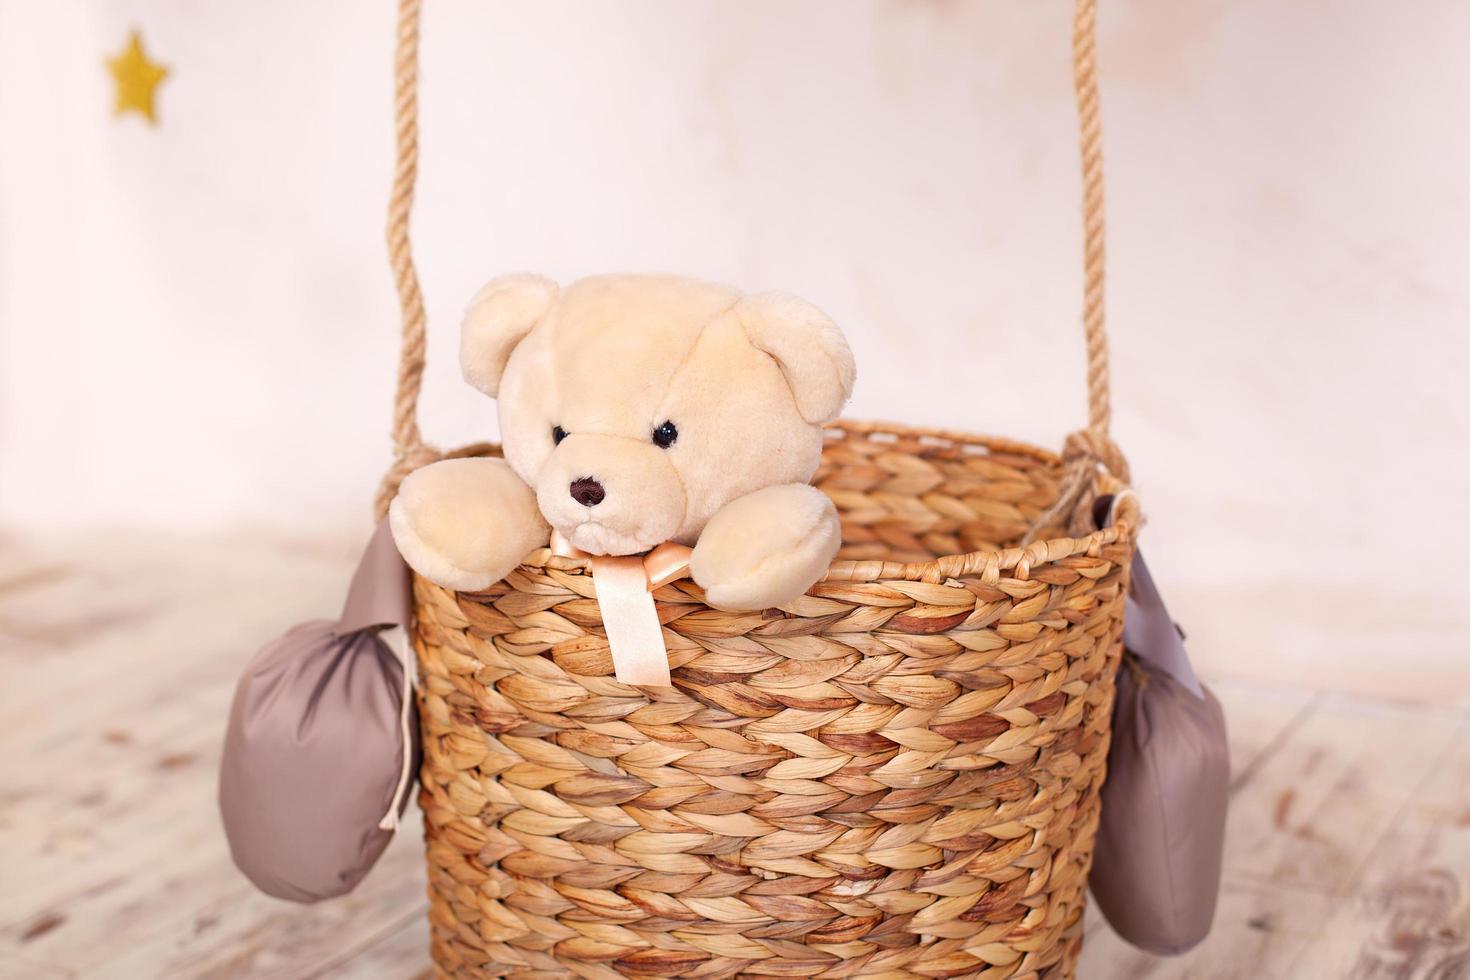 jouet ours en peluche assis dans le panier de ballon photo